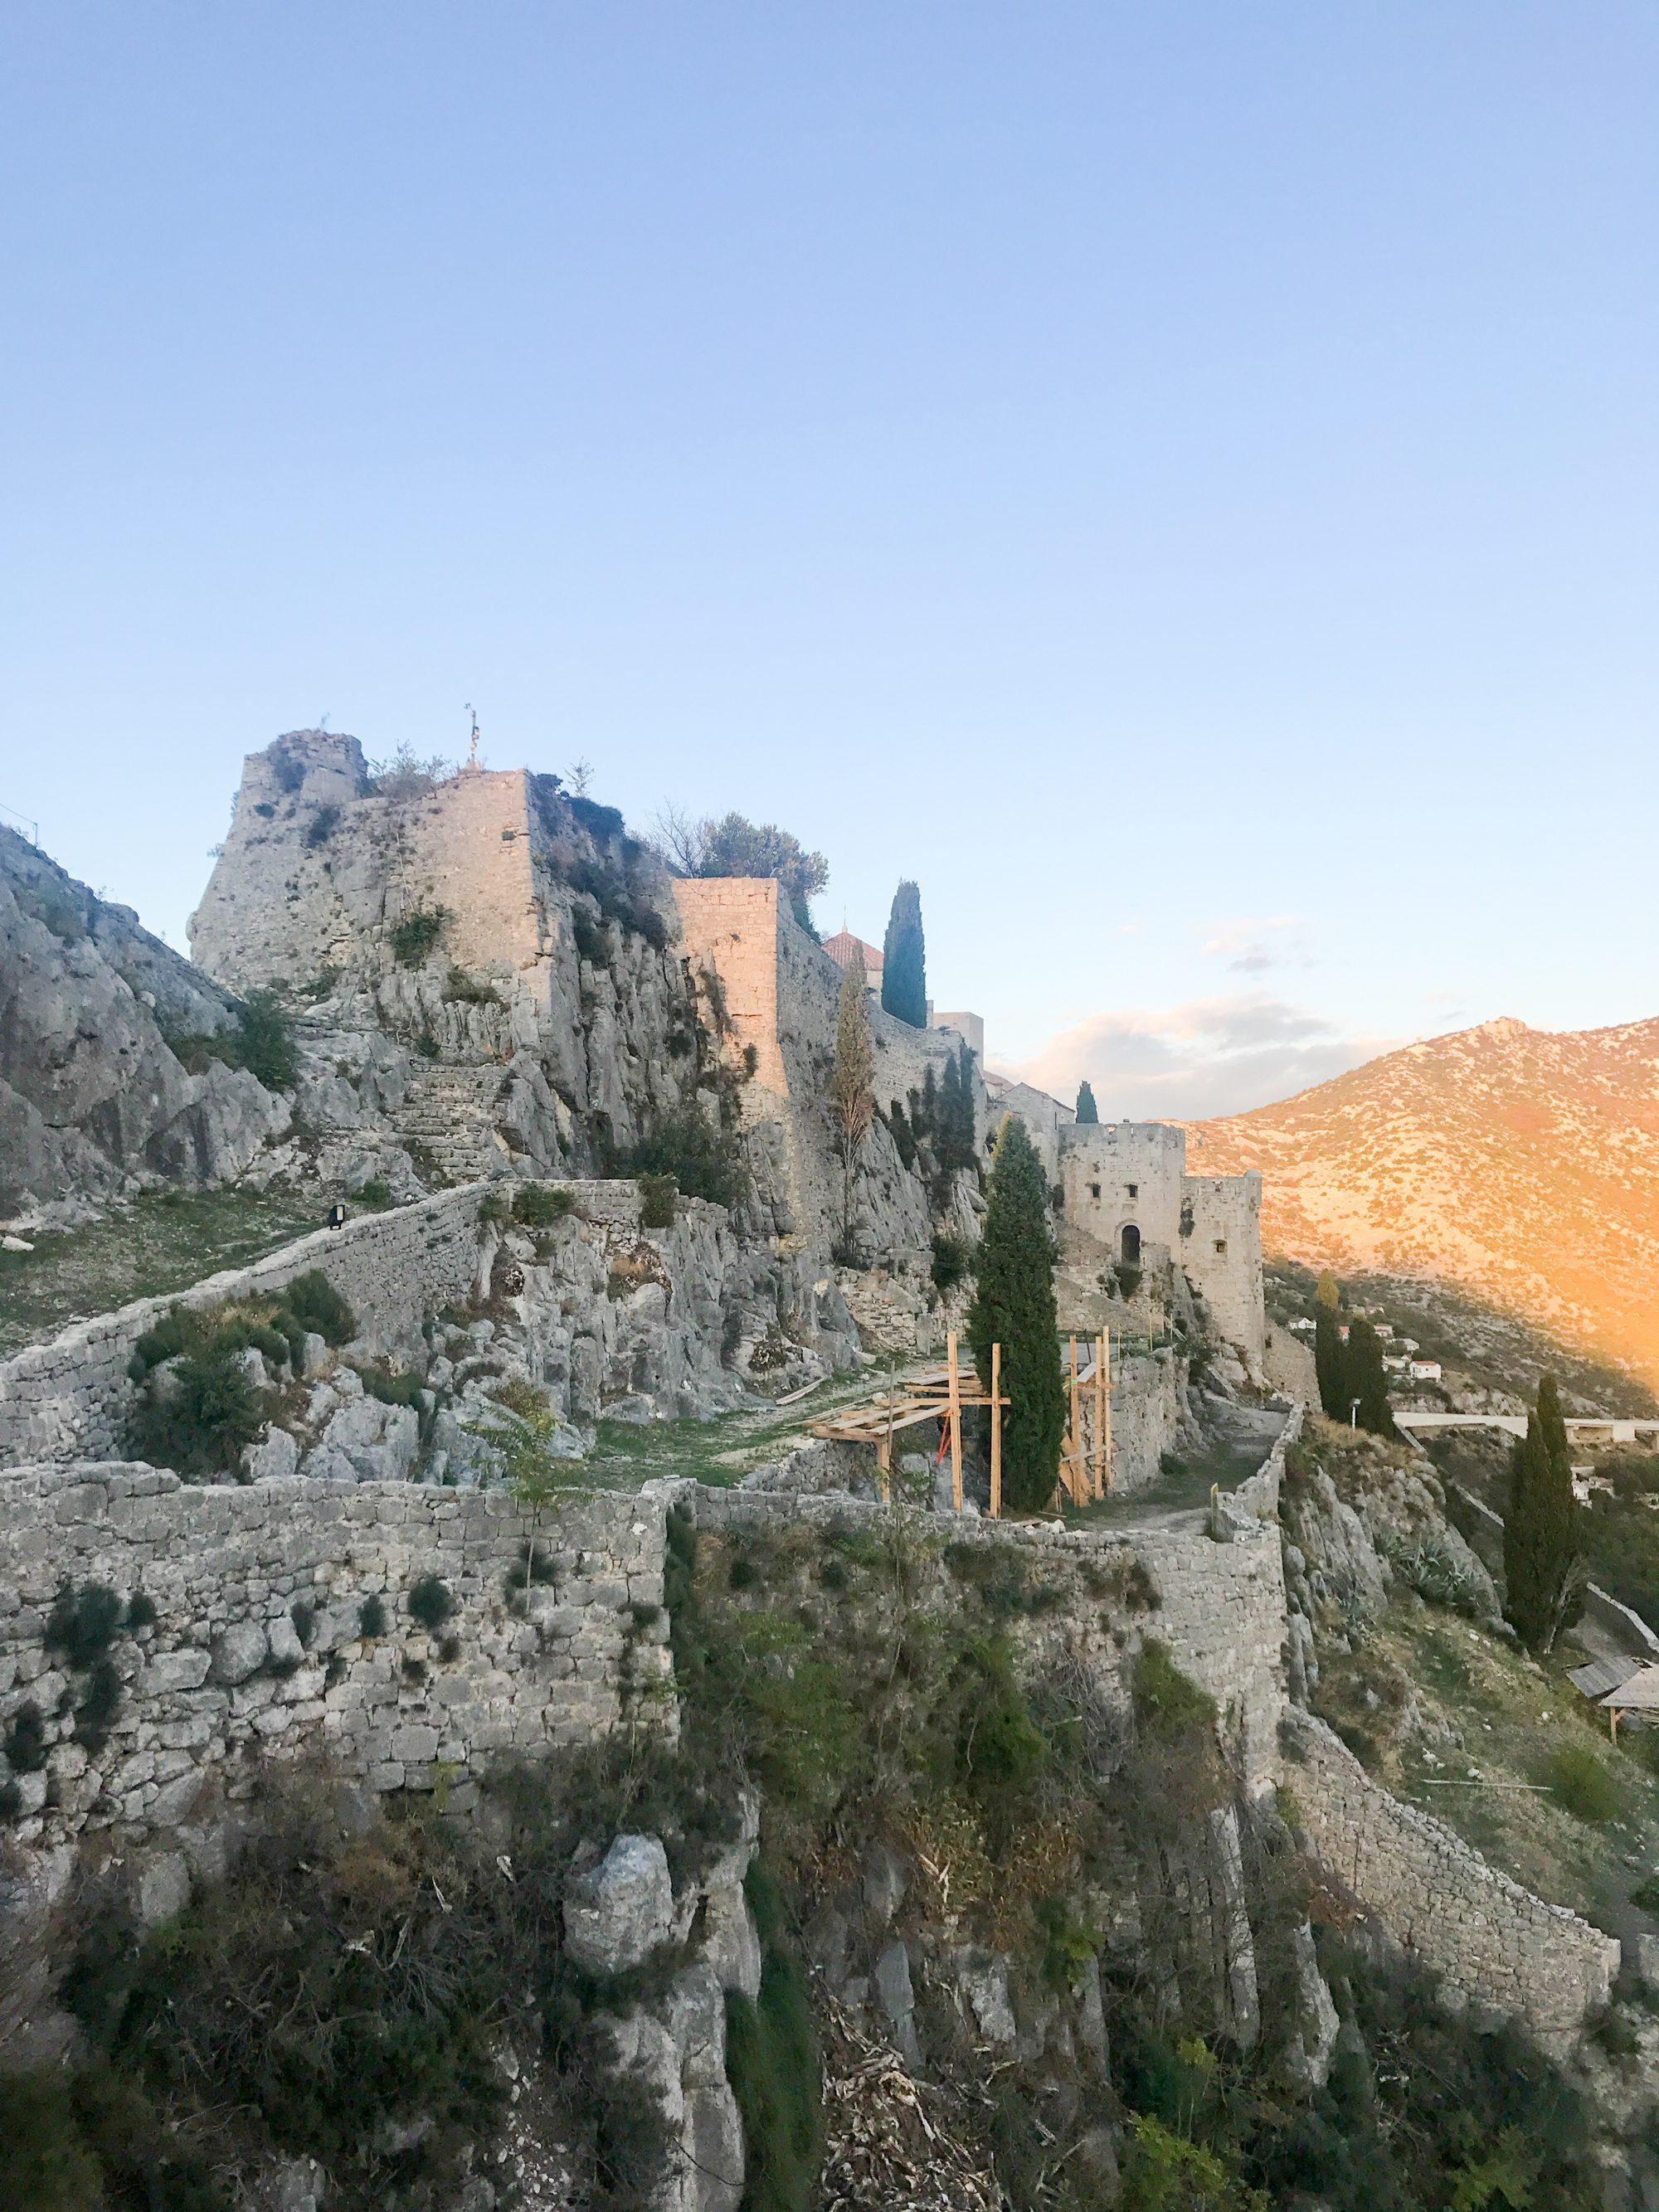 meereen game of thrones, klis fortress, split croatia, game of thrones filming locations, khaleesi meereen